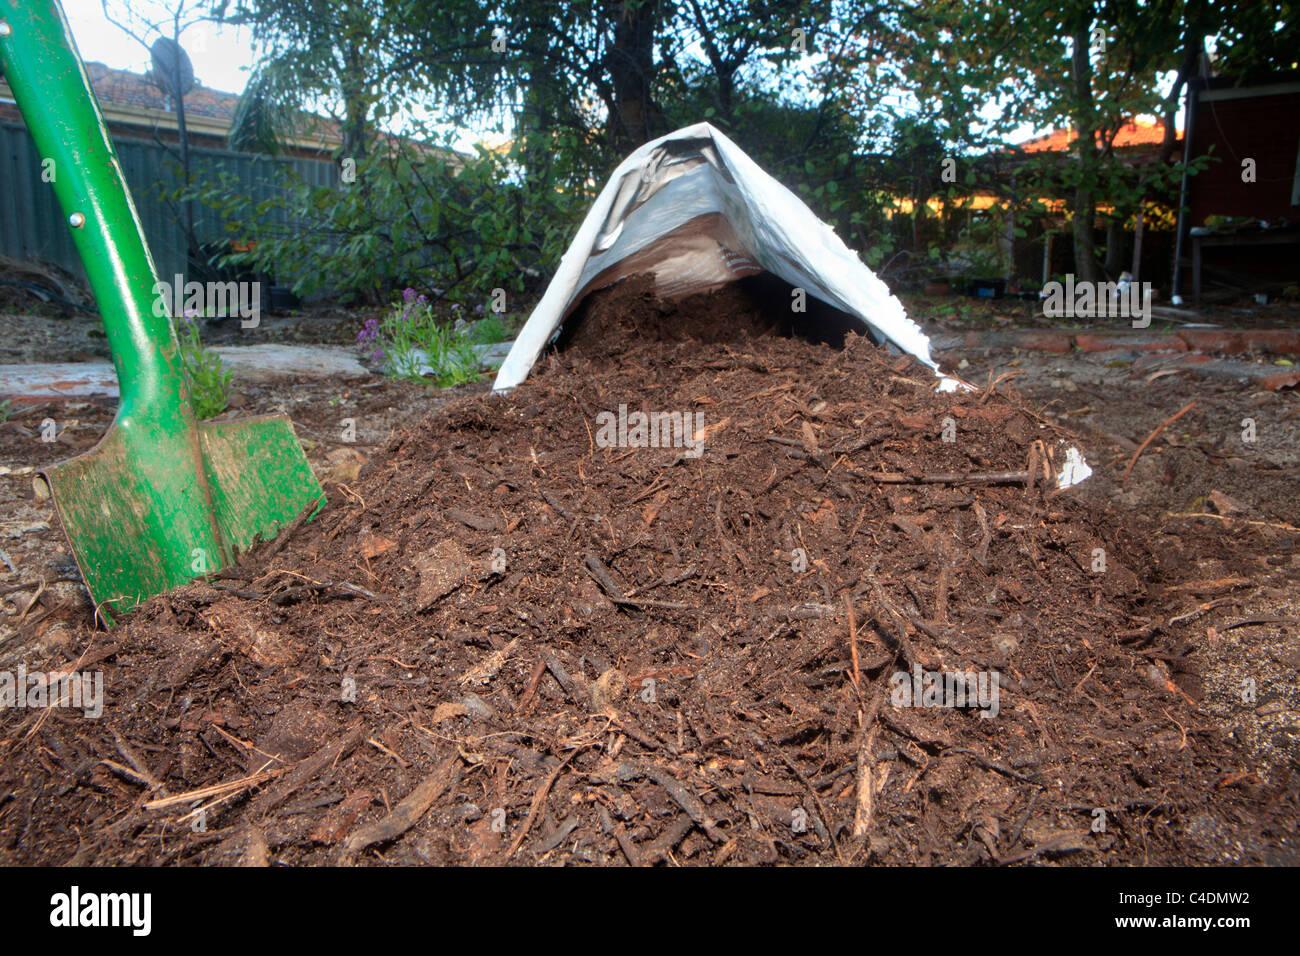 Abono Orgánico fabricado a partir de madera y corteza rallada vierte desde una bolsa hacia el jardín Imagen De Stock